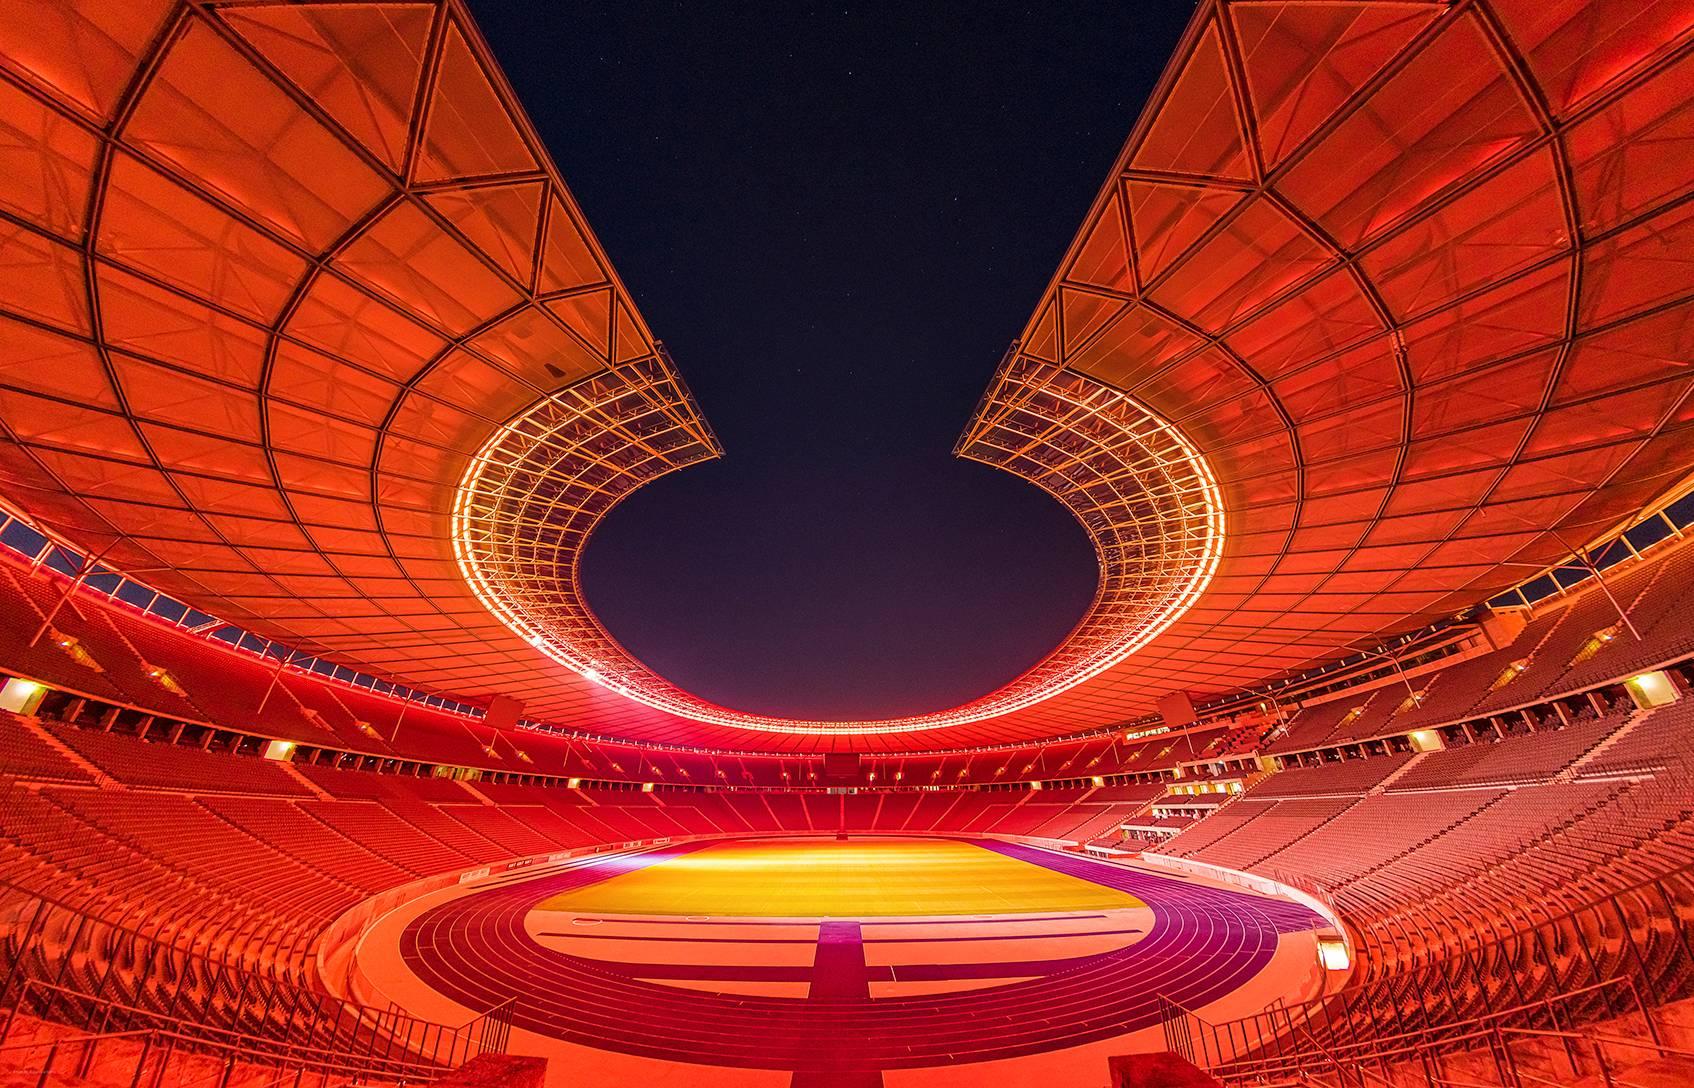 Berliinin olympiastadion. Valaistuksen on suunnitellut Mikki Kunttu ja valojärjestelmän toteuttanut Rüdiger Lanz.